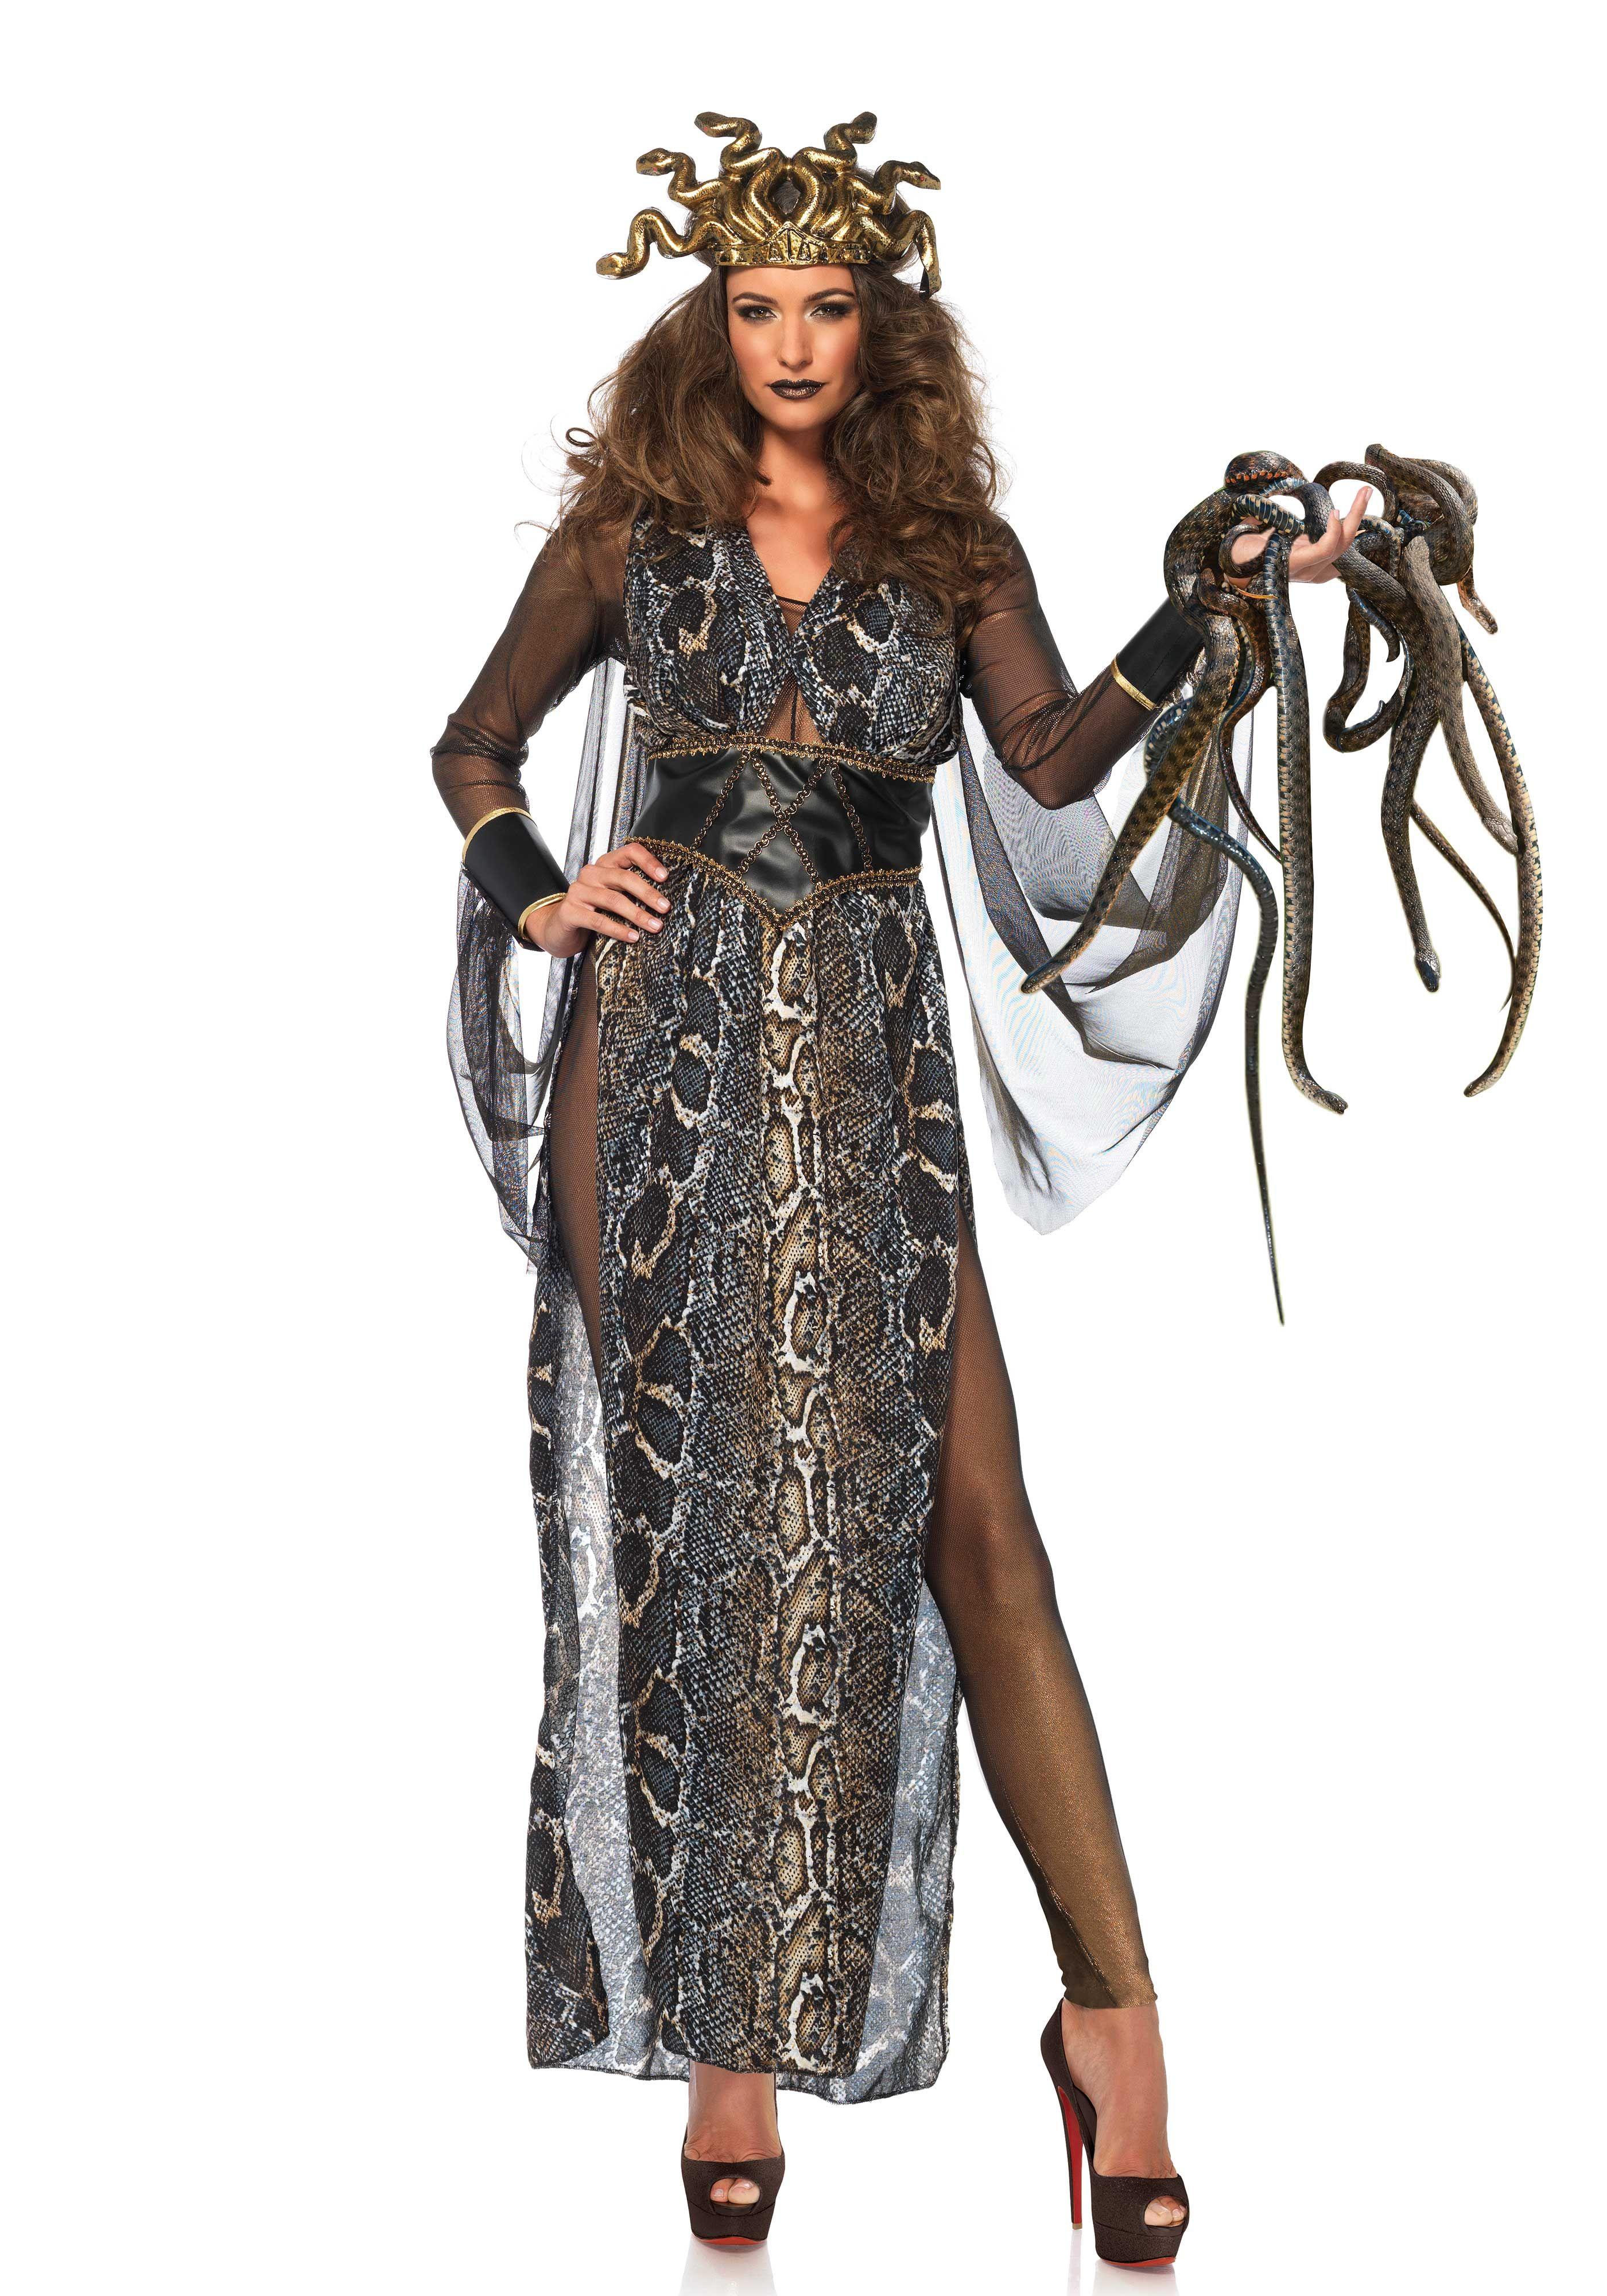 Leg Avenue 86654 Medusa Costume Dress Up #Halloween #Villain #Snake  sc 1 st  Pinterest & Leg Avenue 86654 Medusa Costume Dress Up #Halloween #Villain #Snake ...